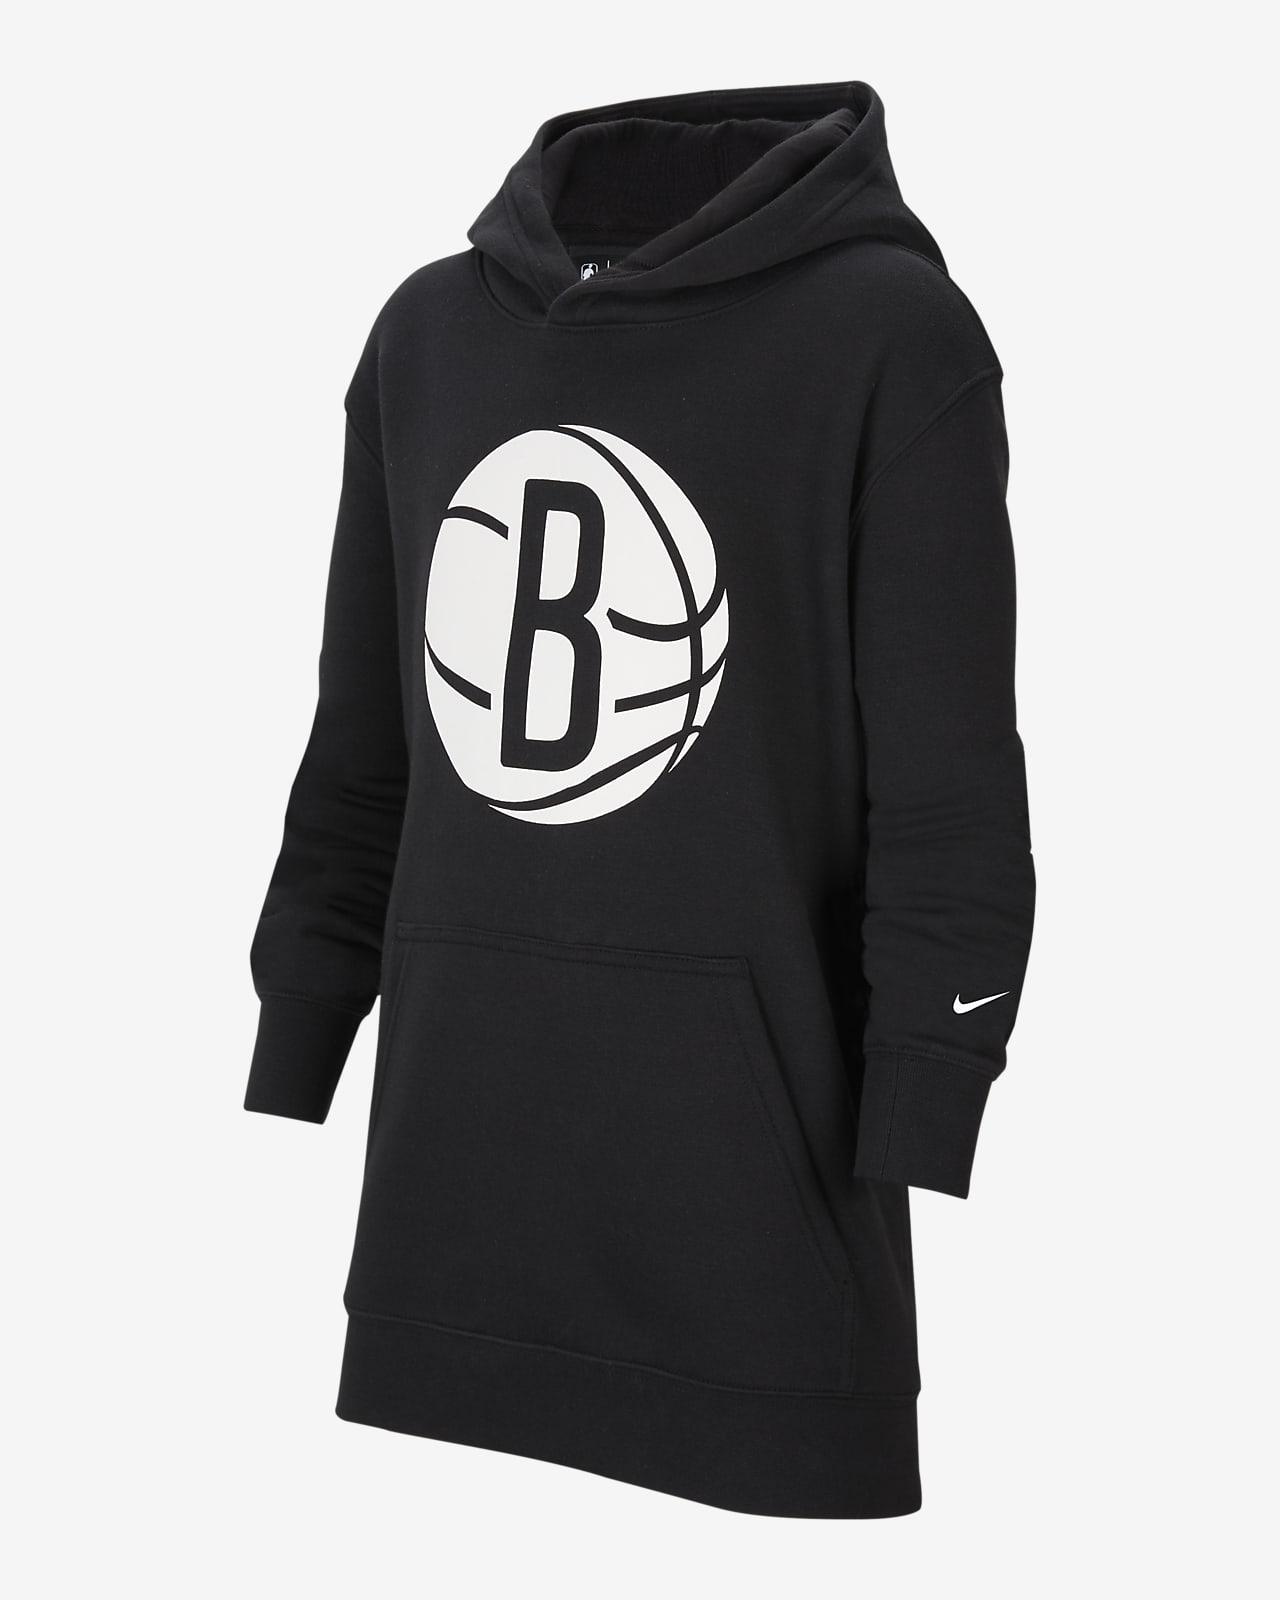 Brooklyn Nets Essential Older Kids' Nike NBA Pullover Hoodie